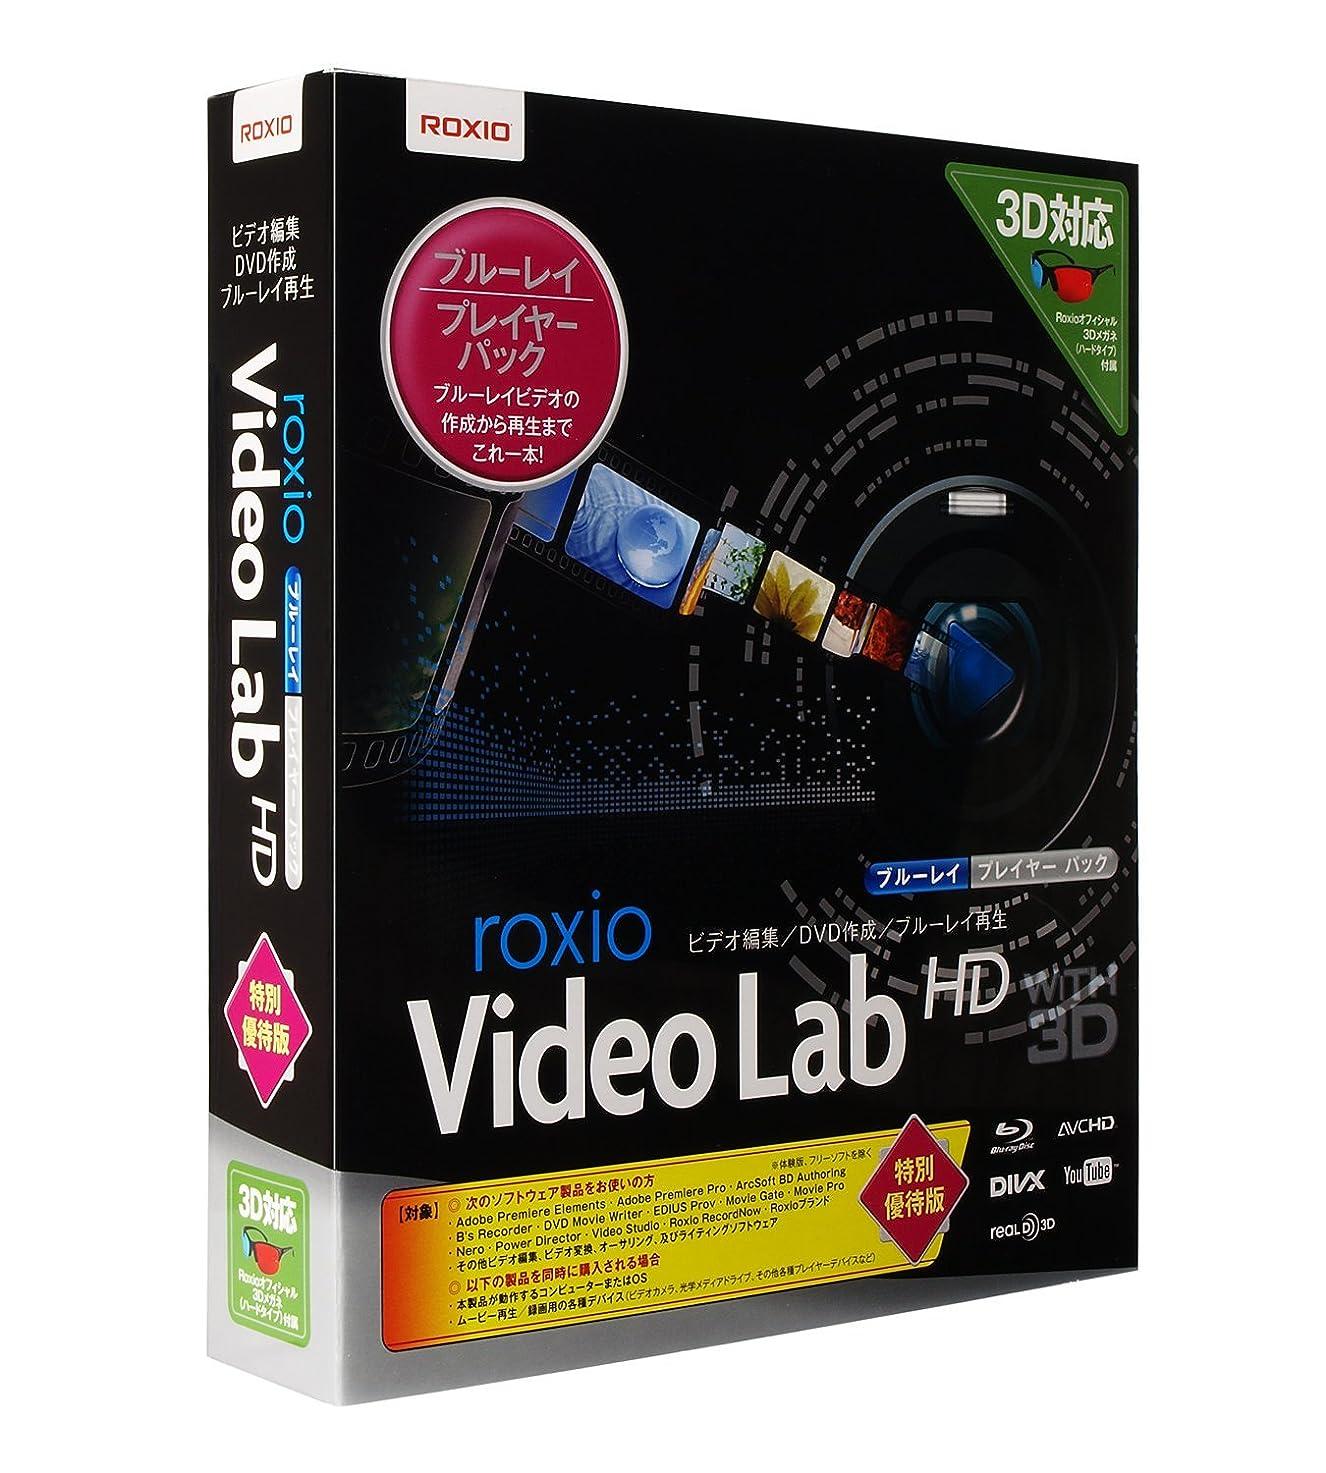 疾患息切れ絶妙Roxio Video Lab HD ブルーレイプレイヤーパック 特別優待版